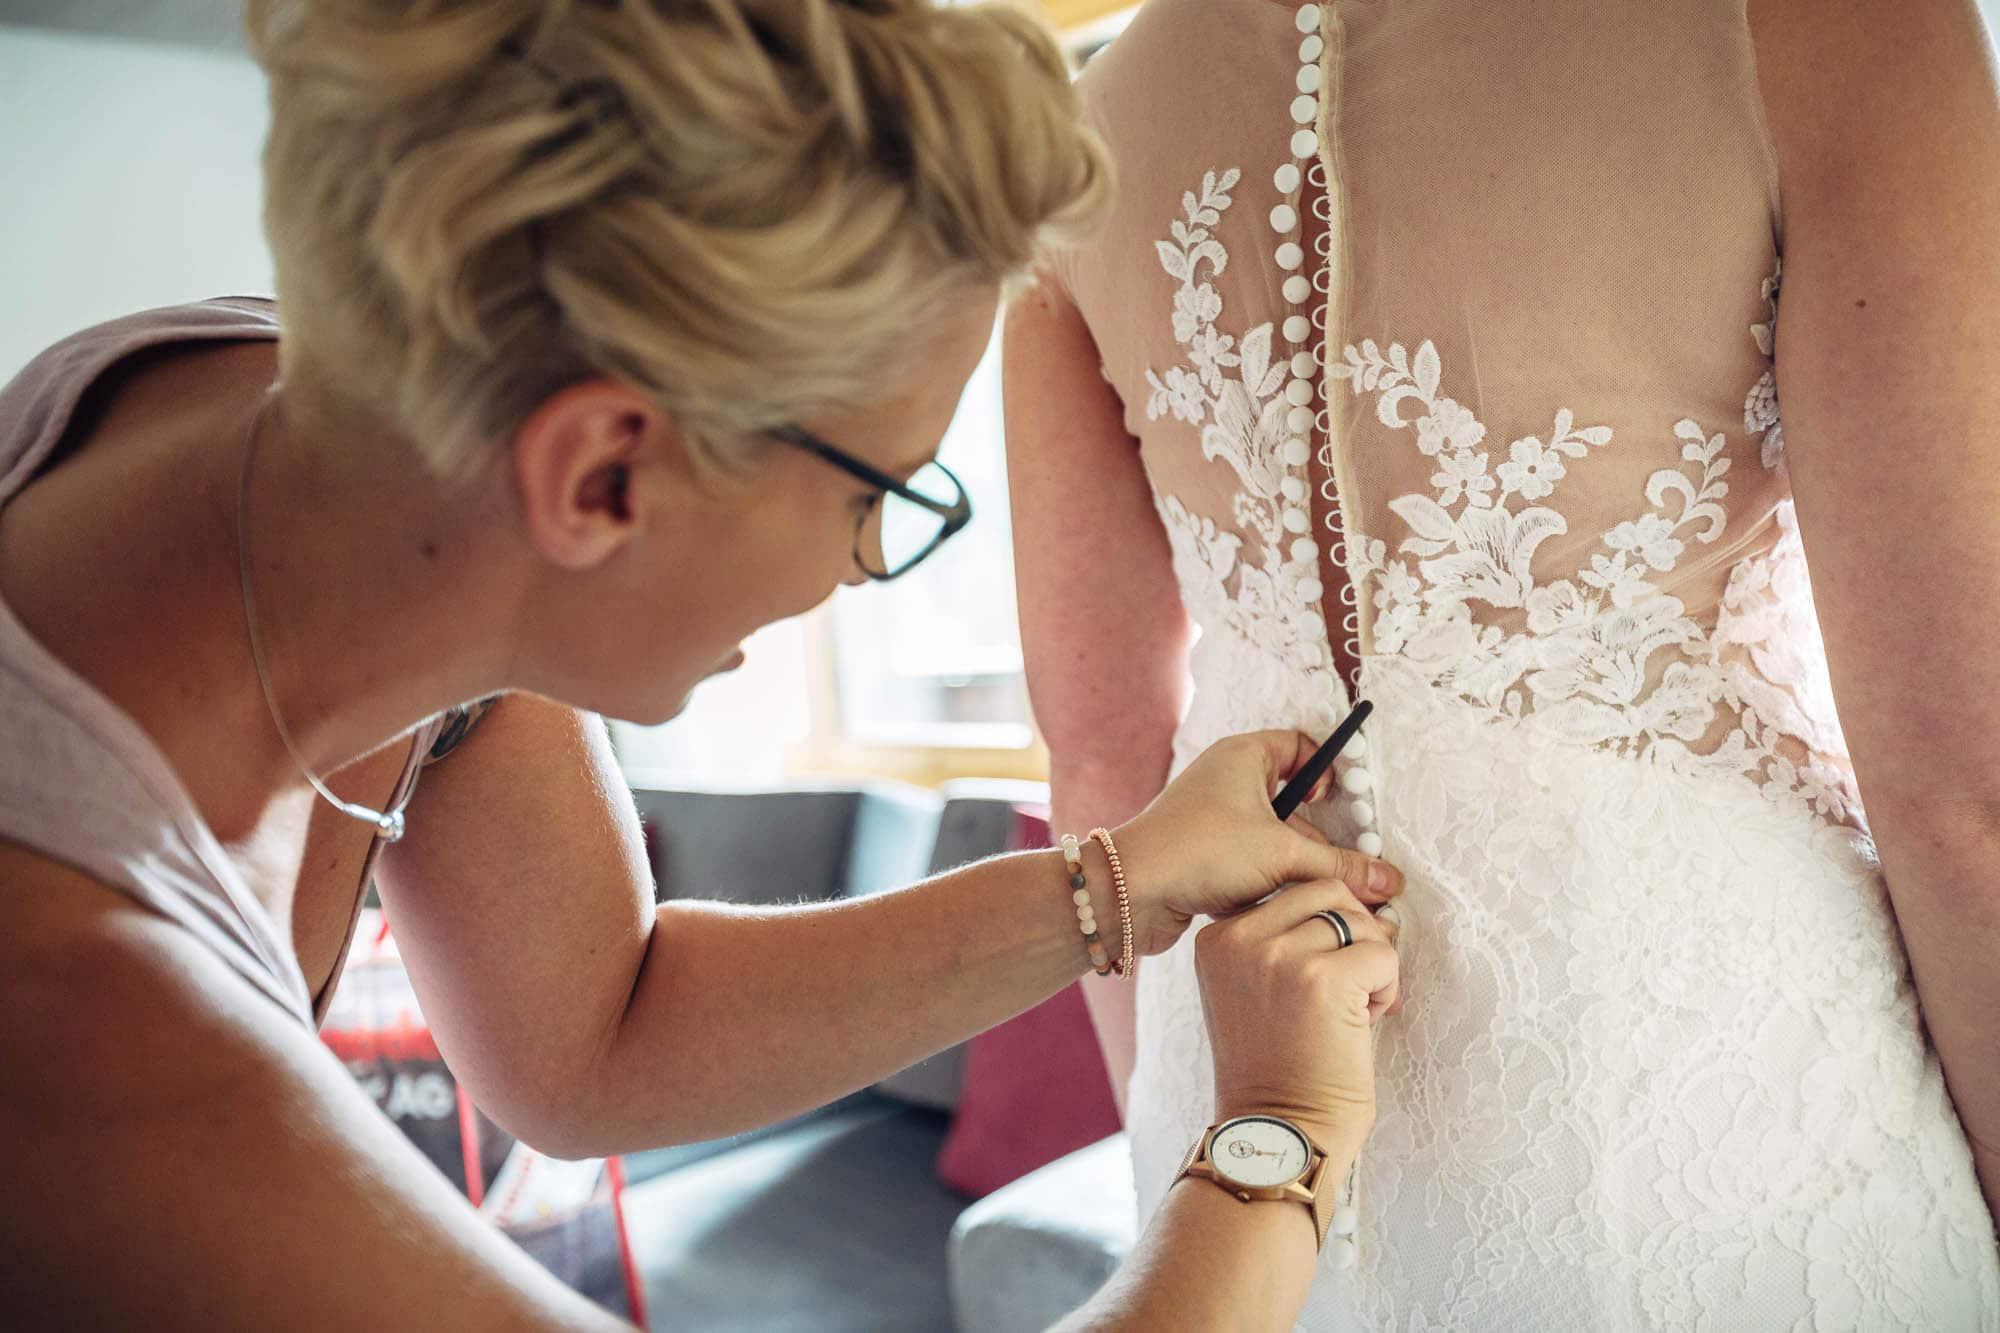 Mit Häkchen wird das Brautkleid zugeknöpft